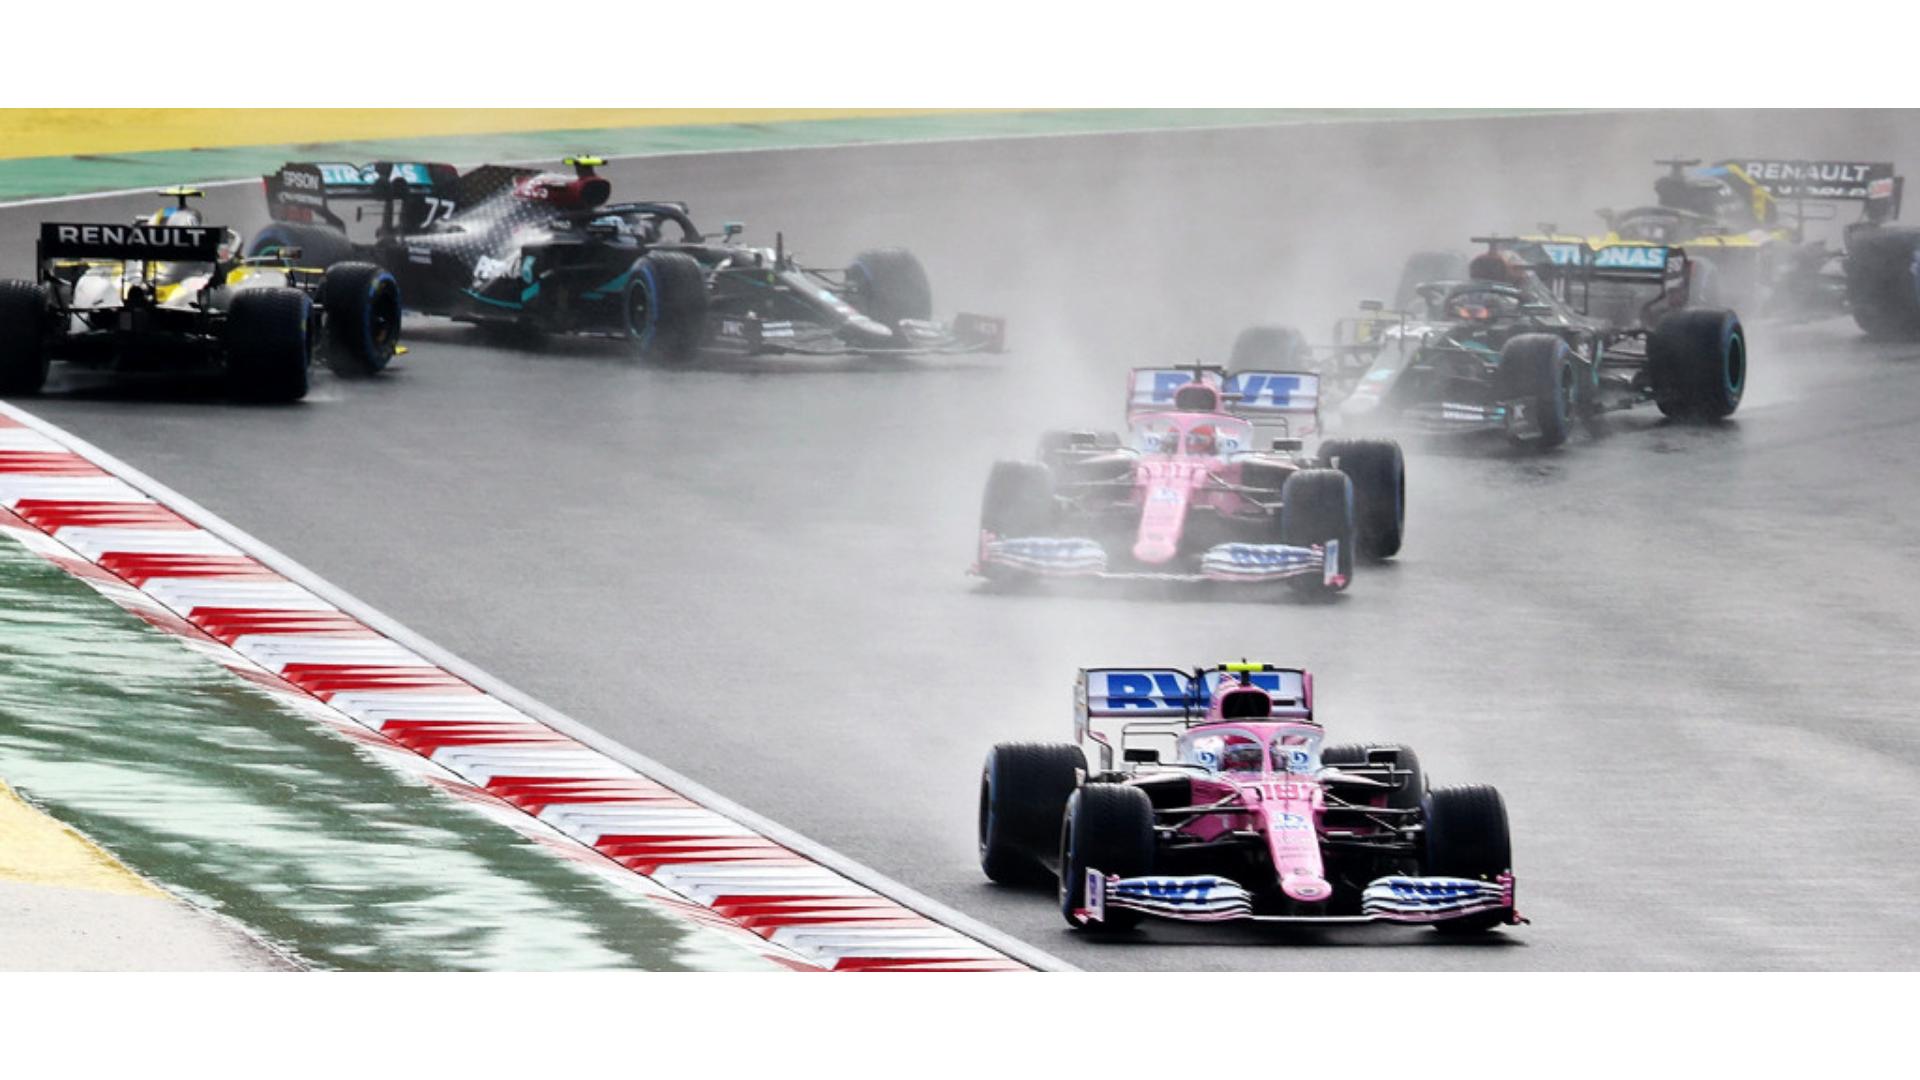 2020 Türkiye GP'si anlarında çekilen bir görsel.